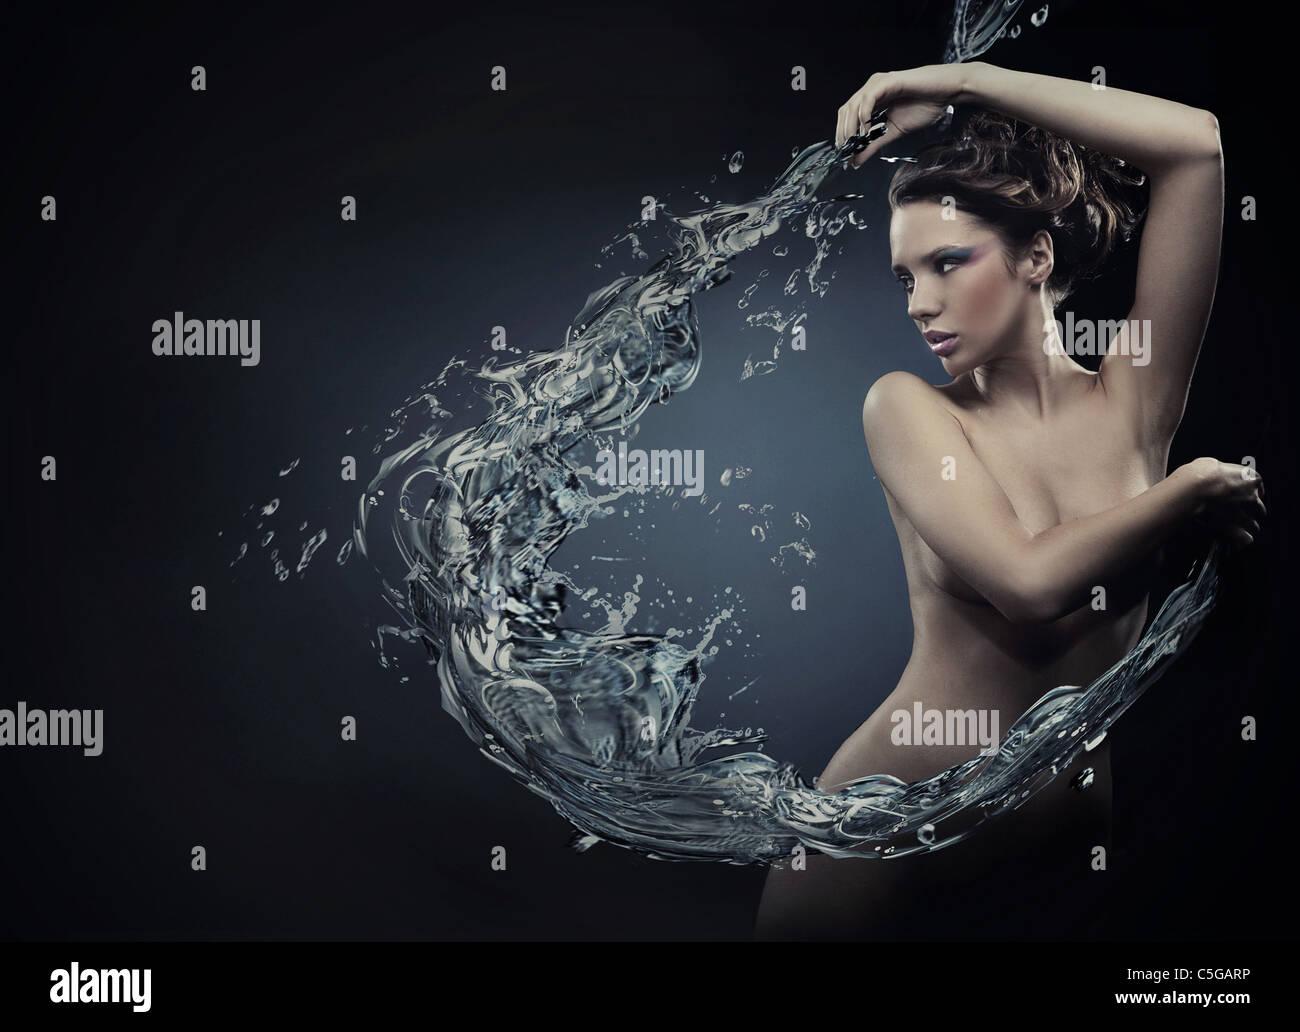 Giovane bellezza ballando con spruzzi di acqua Immagini Stock